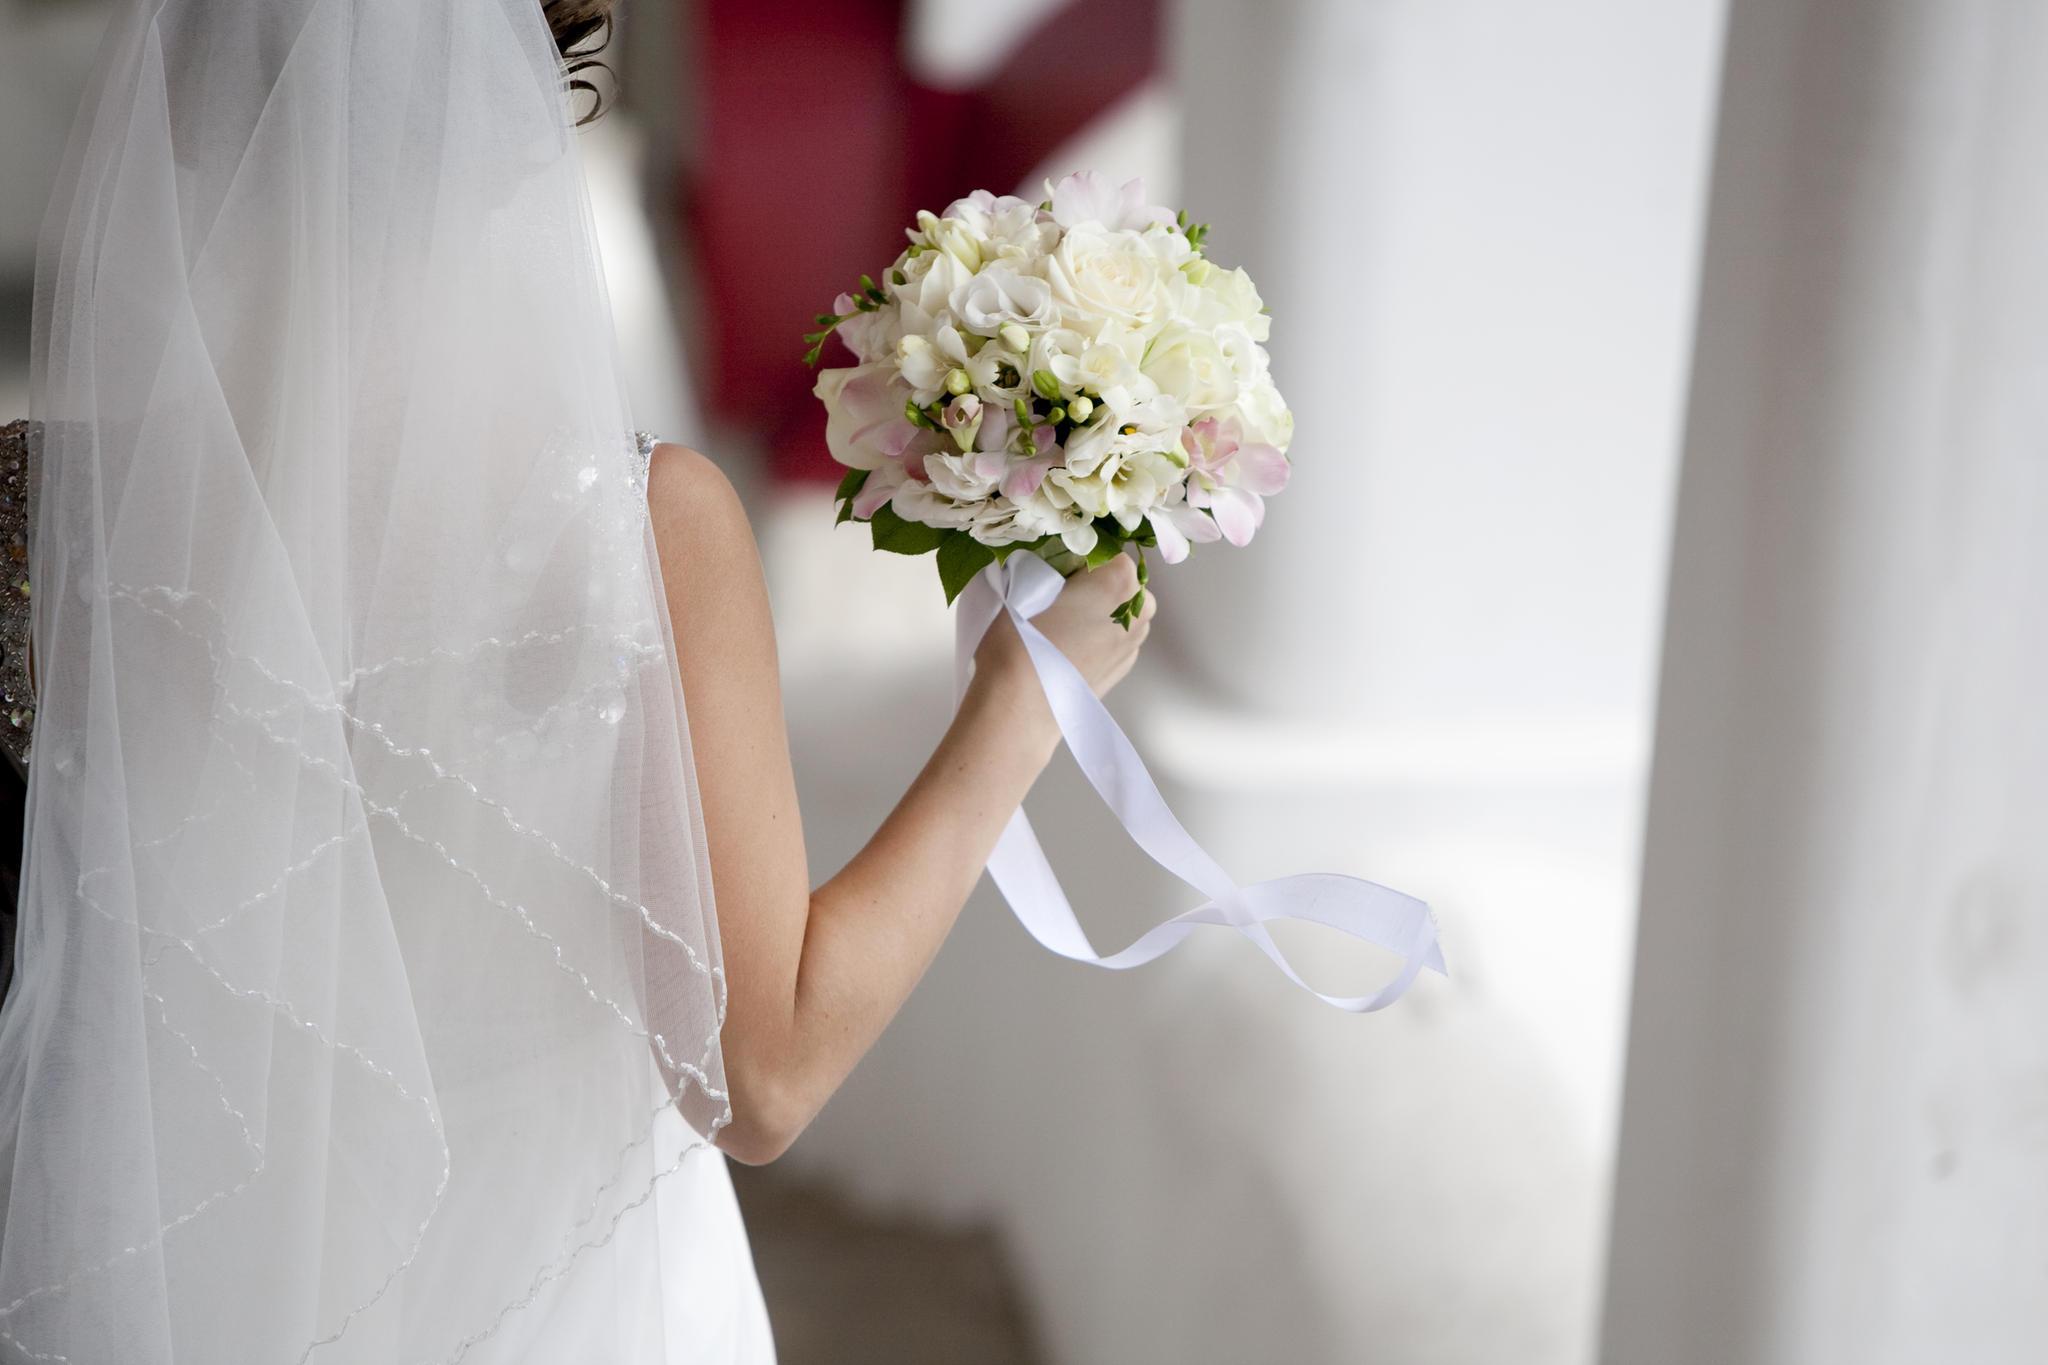 Wunderbar Brautkleider Instagram Ideen - Brautkleider Ideen ...